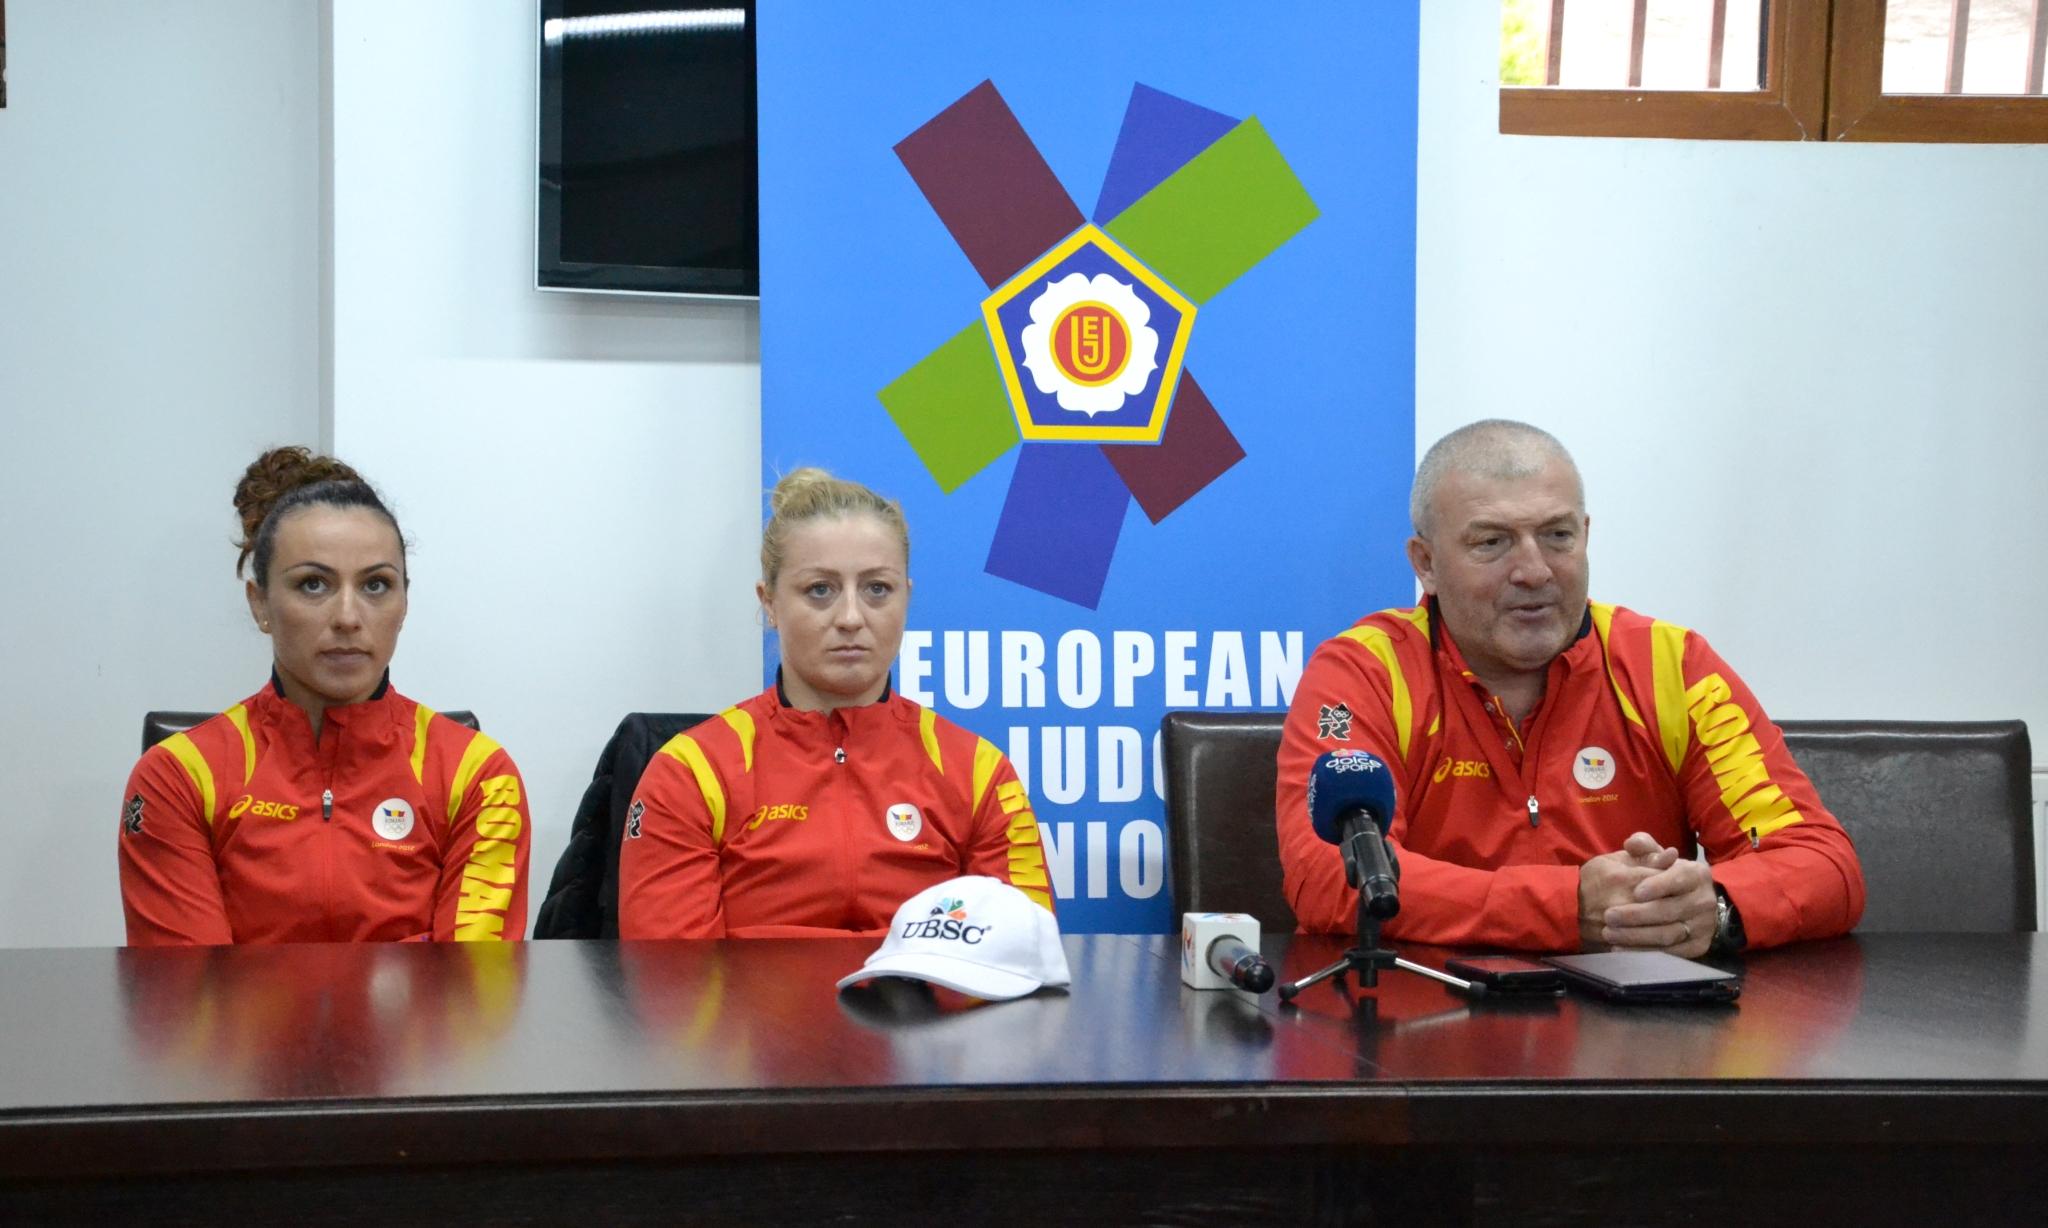 Clujul este gazda Open-ului European de Judo în acest weekend, în Sala Polivalentă